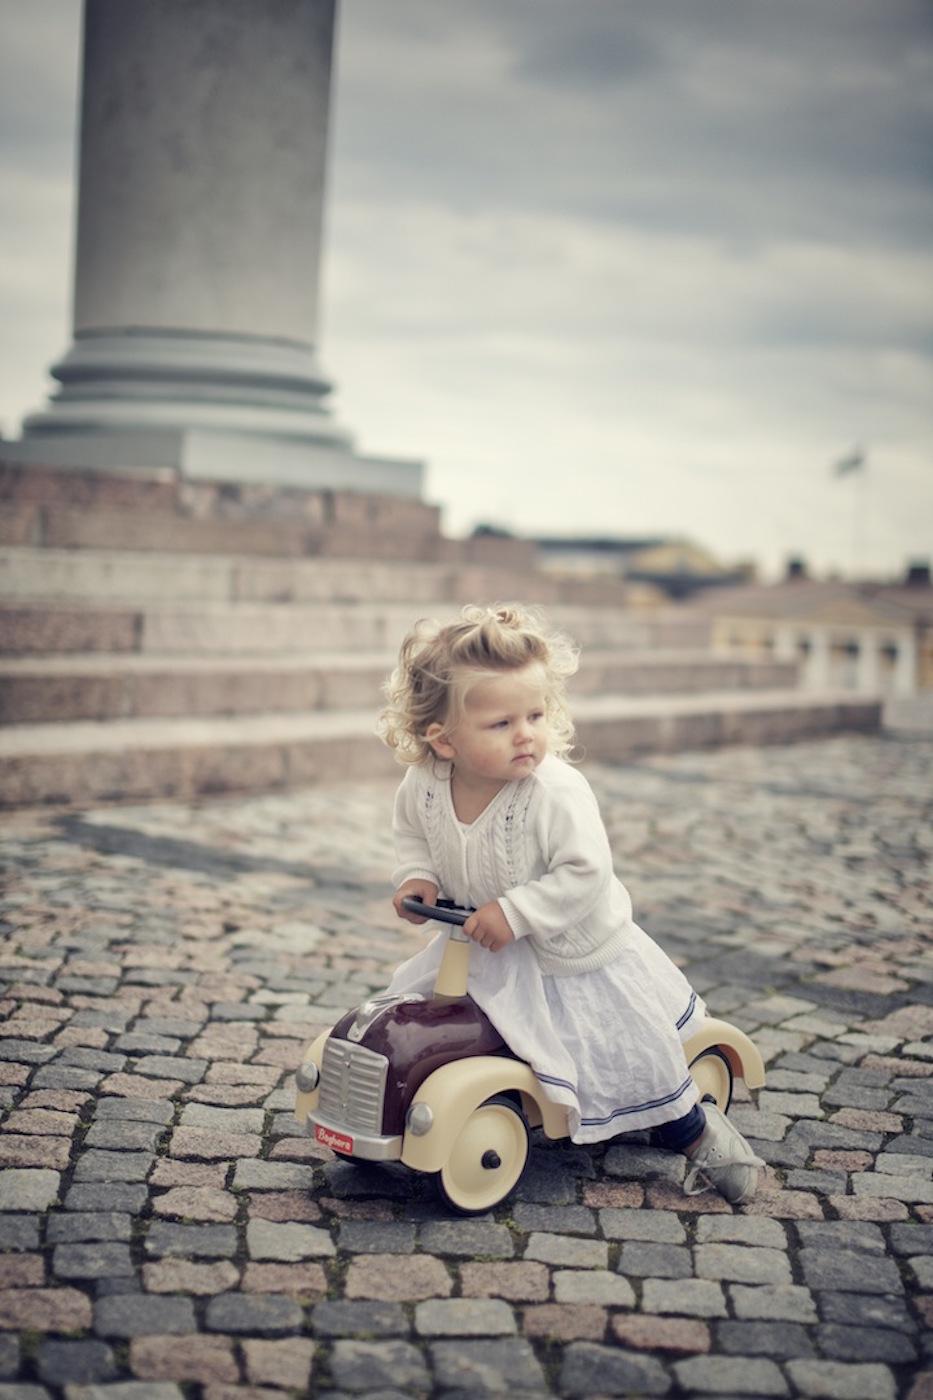 kid on wheels